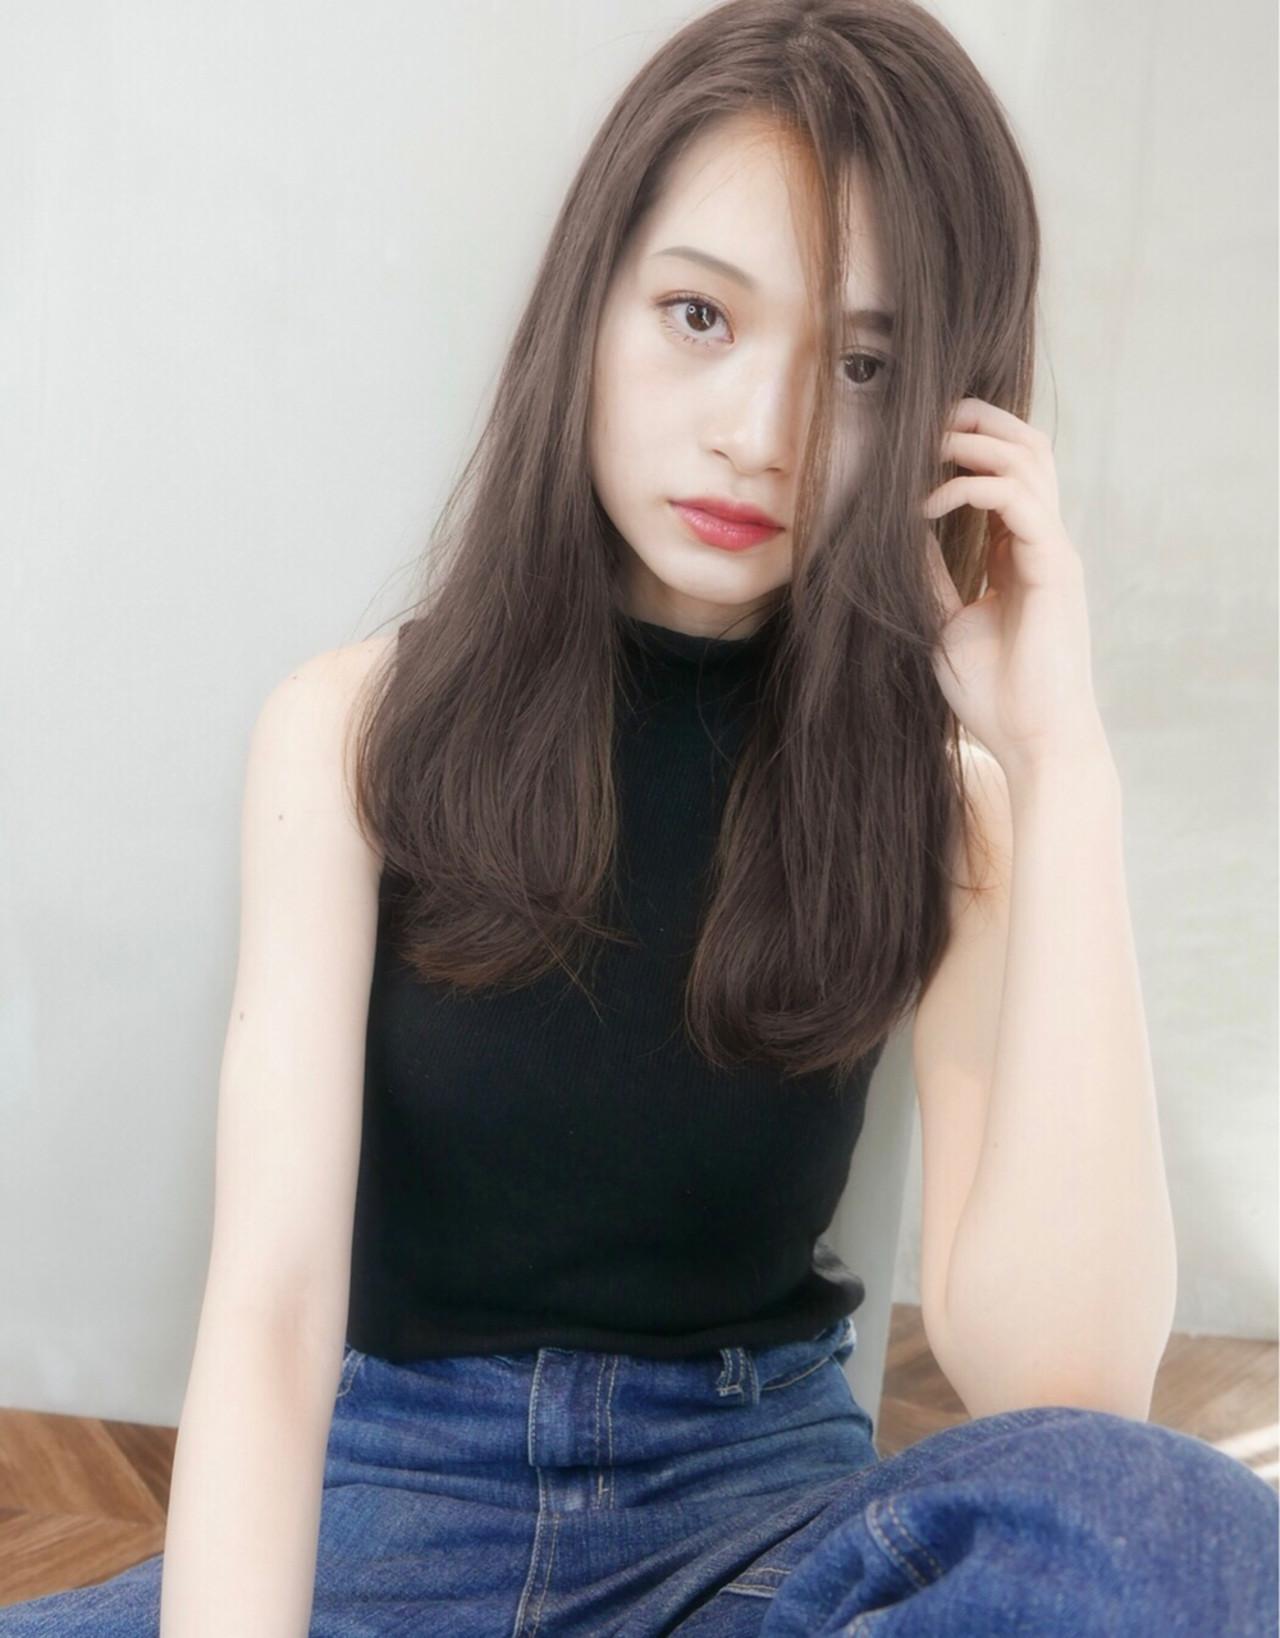 イルミナカラー グレージュ ヘアアレンジ 前髪あり ヘアスタイルや髪型の写真・画像